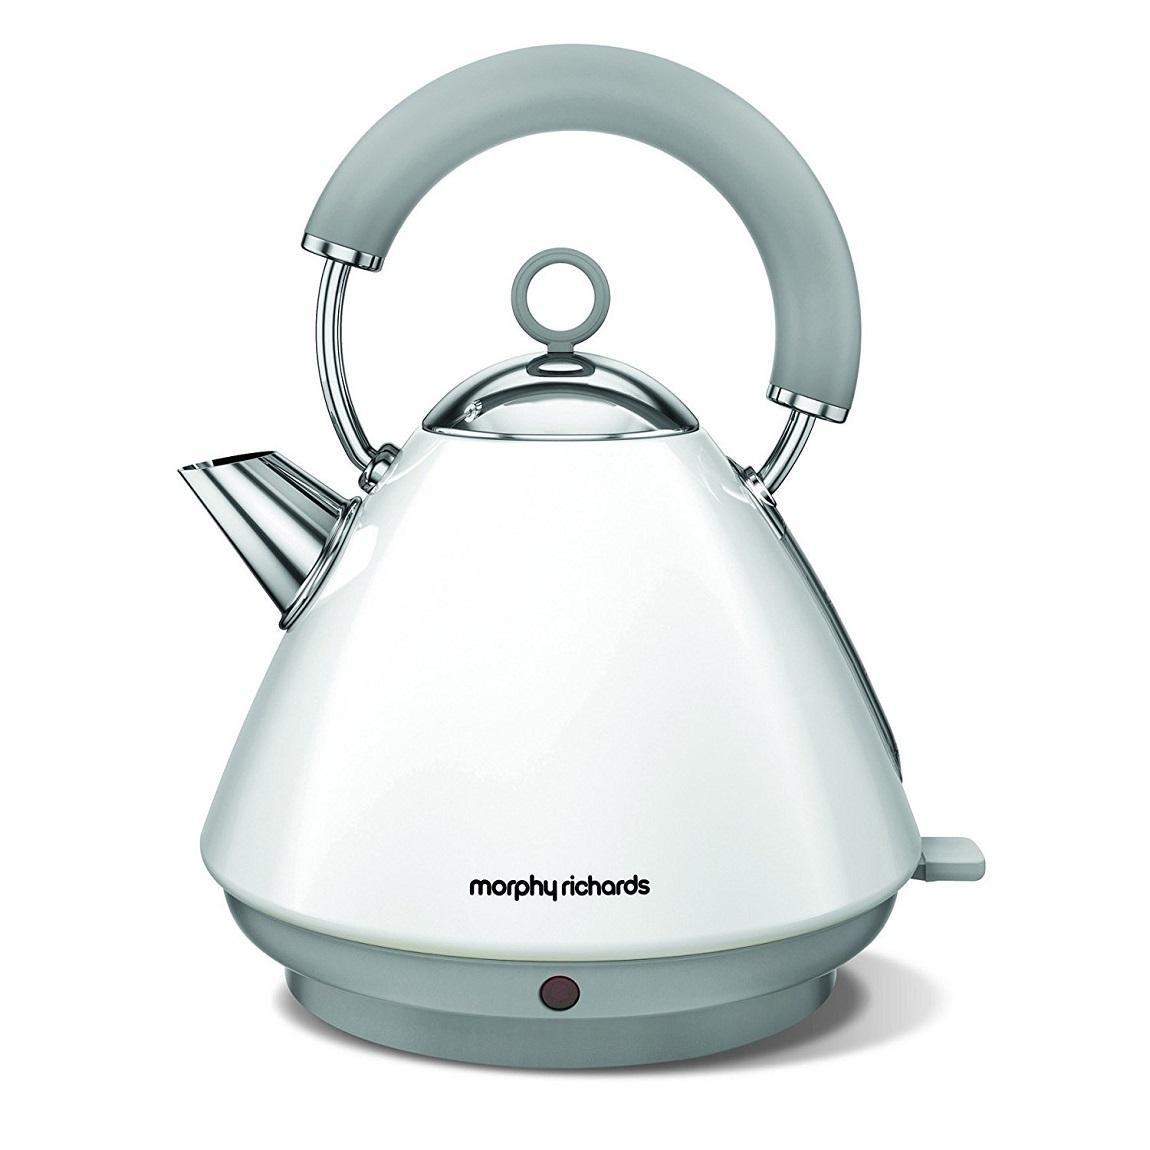 MORPHY-RICHARDS-102031-kettle.jpg